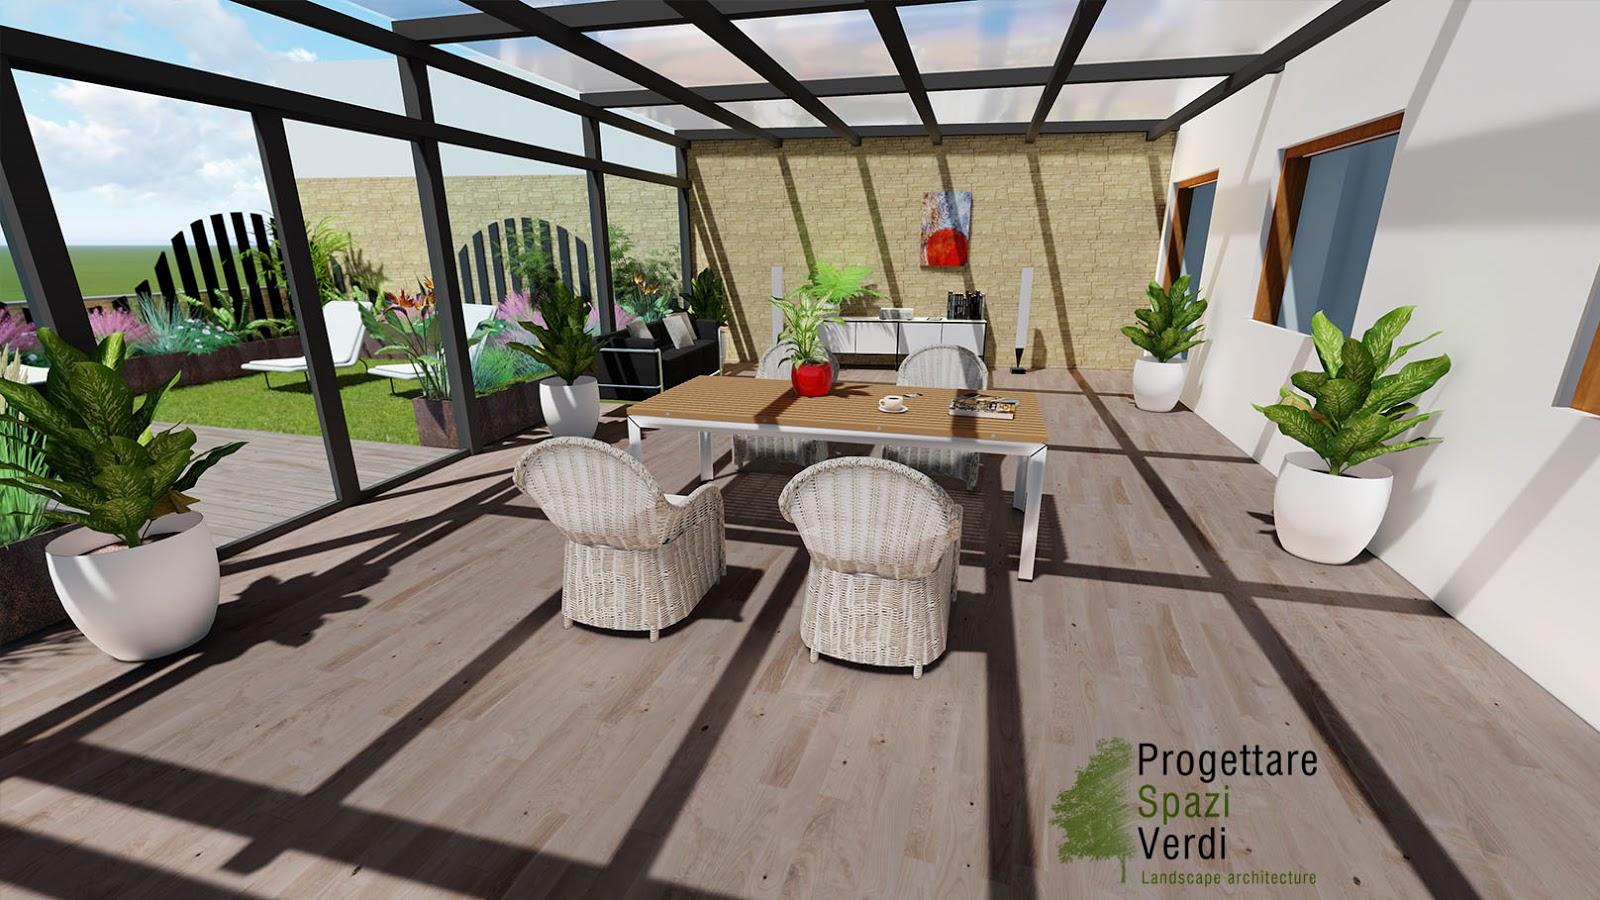 progettare spazi verdi la terrazza dei tuoi sogni